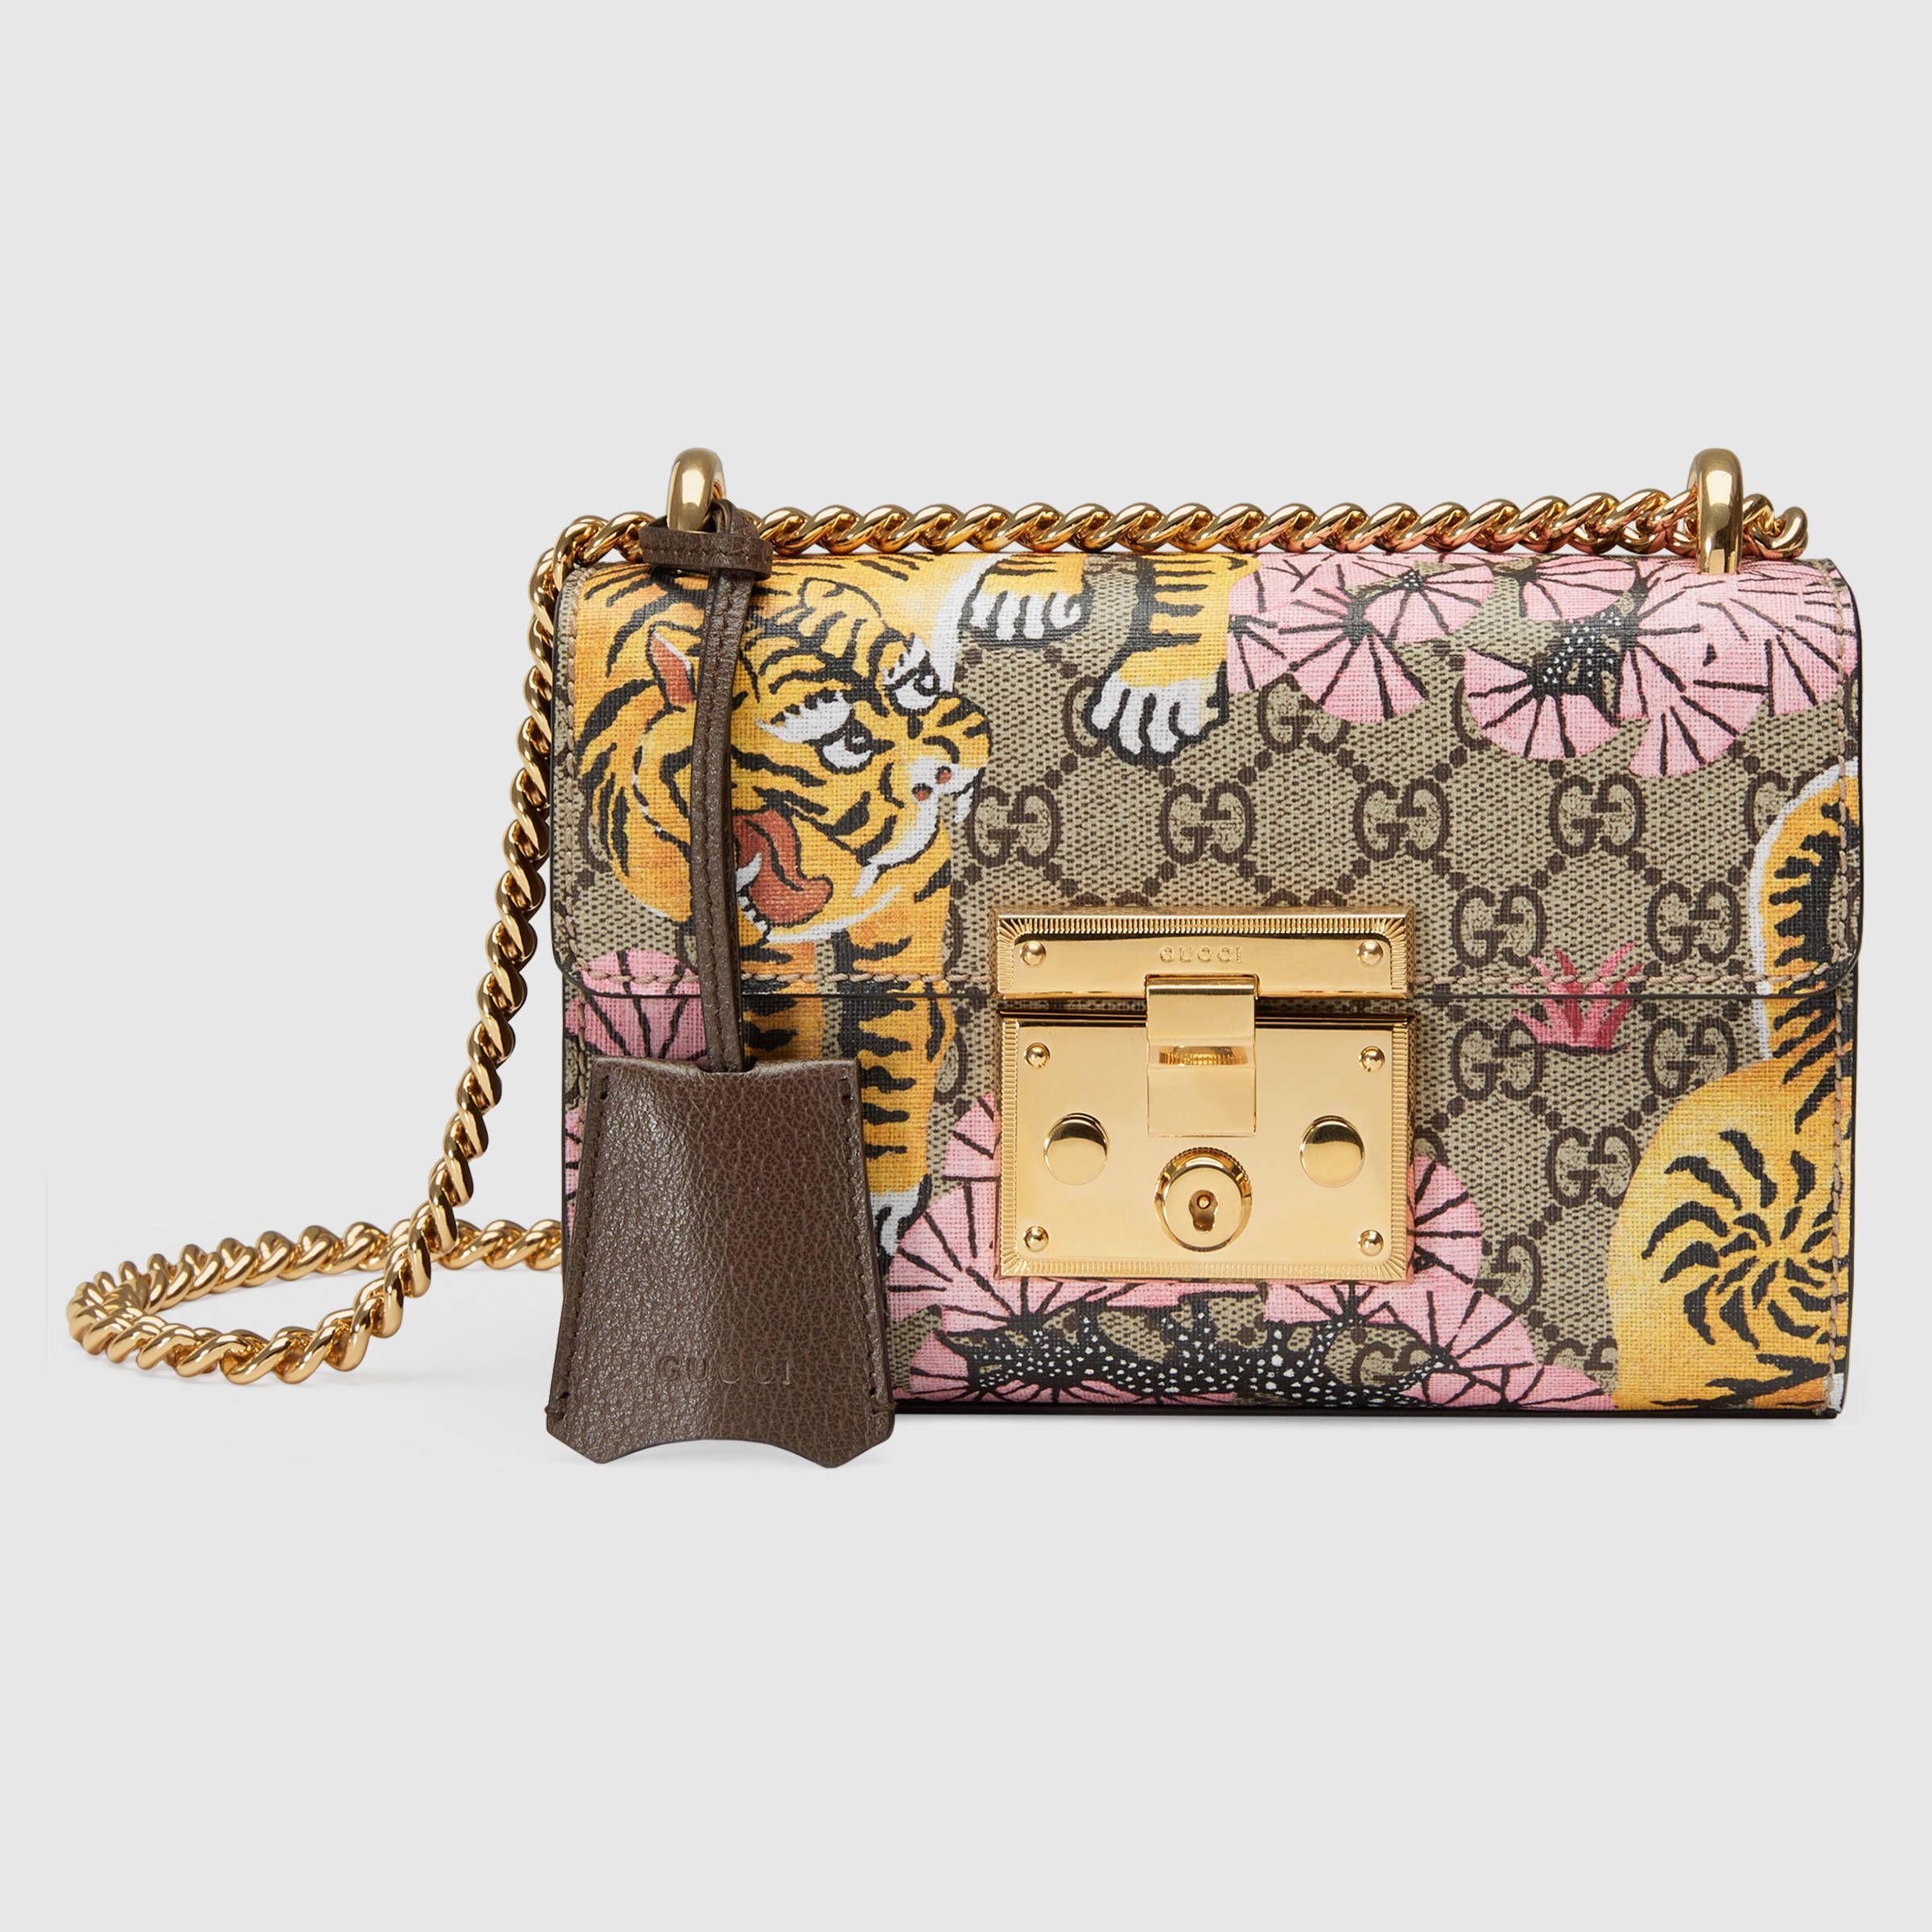 46183ba9c405 Padlock Gucci Bengal shoulder bag - Gucci Women s Shoulder Bags  409487K5P3G9967